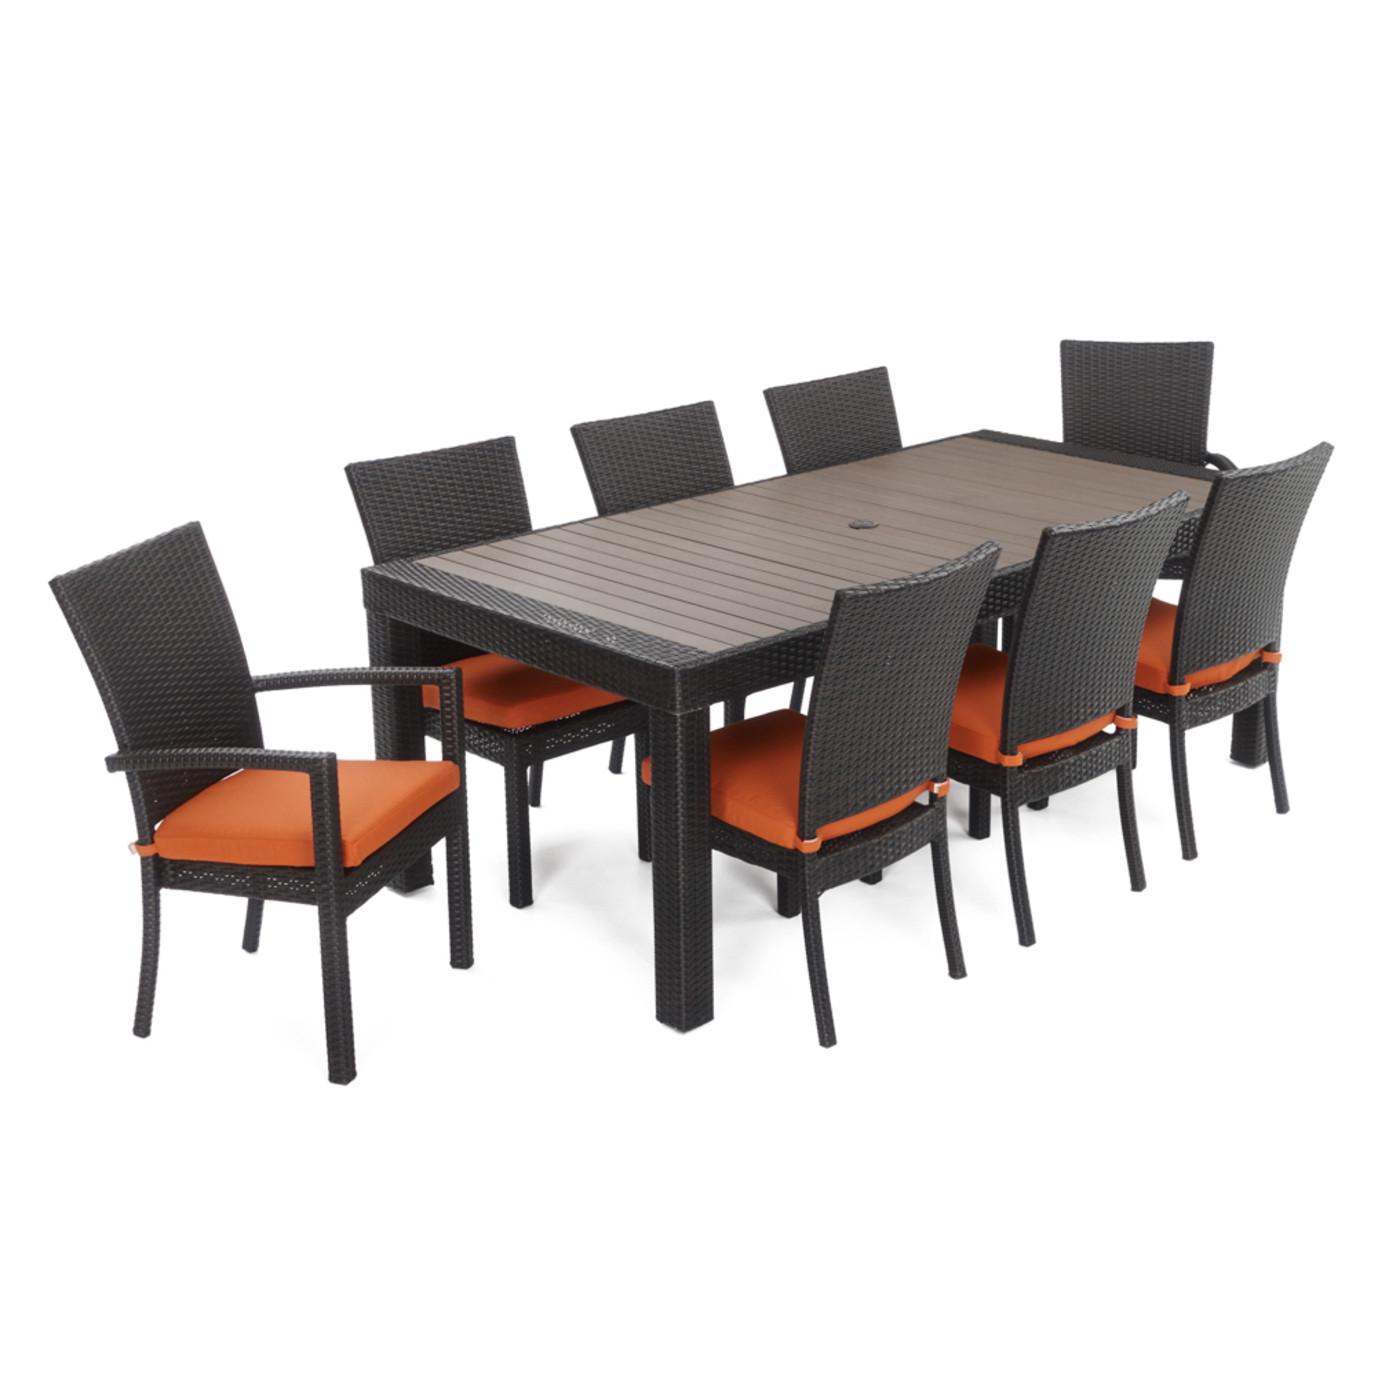 Deco™ 20pc Outdoor Estate Set - Tikka Orange